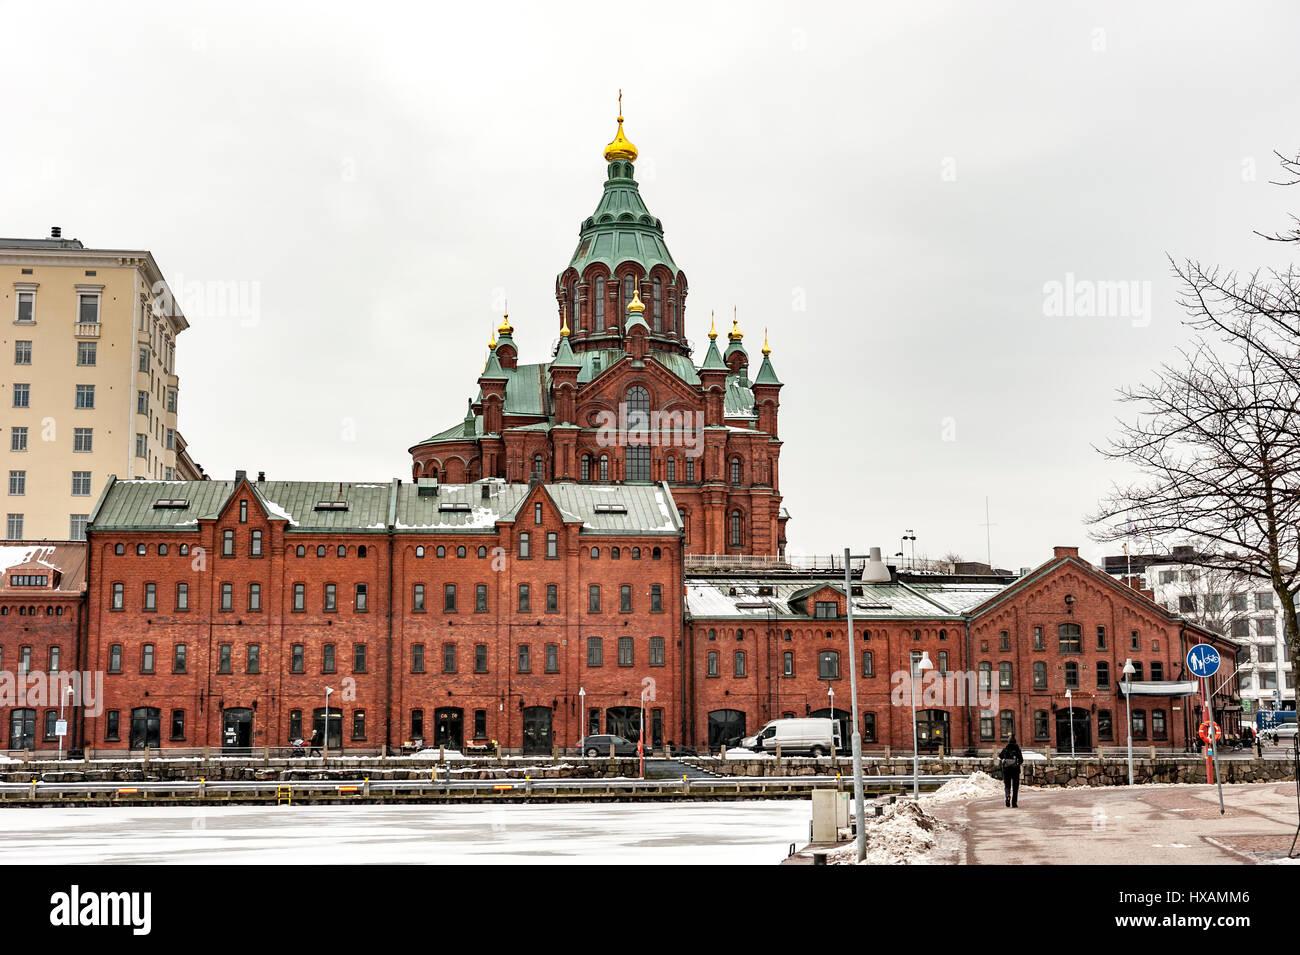 Uspenskij Cathedral, Helsinki - Stock Image